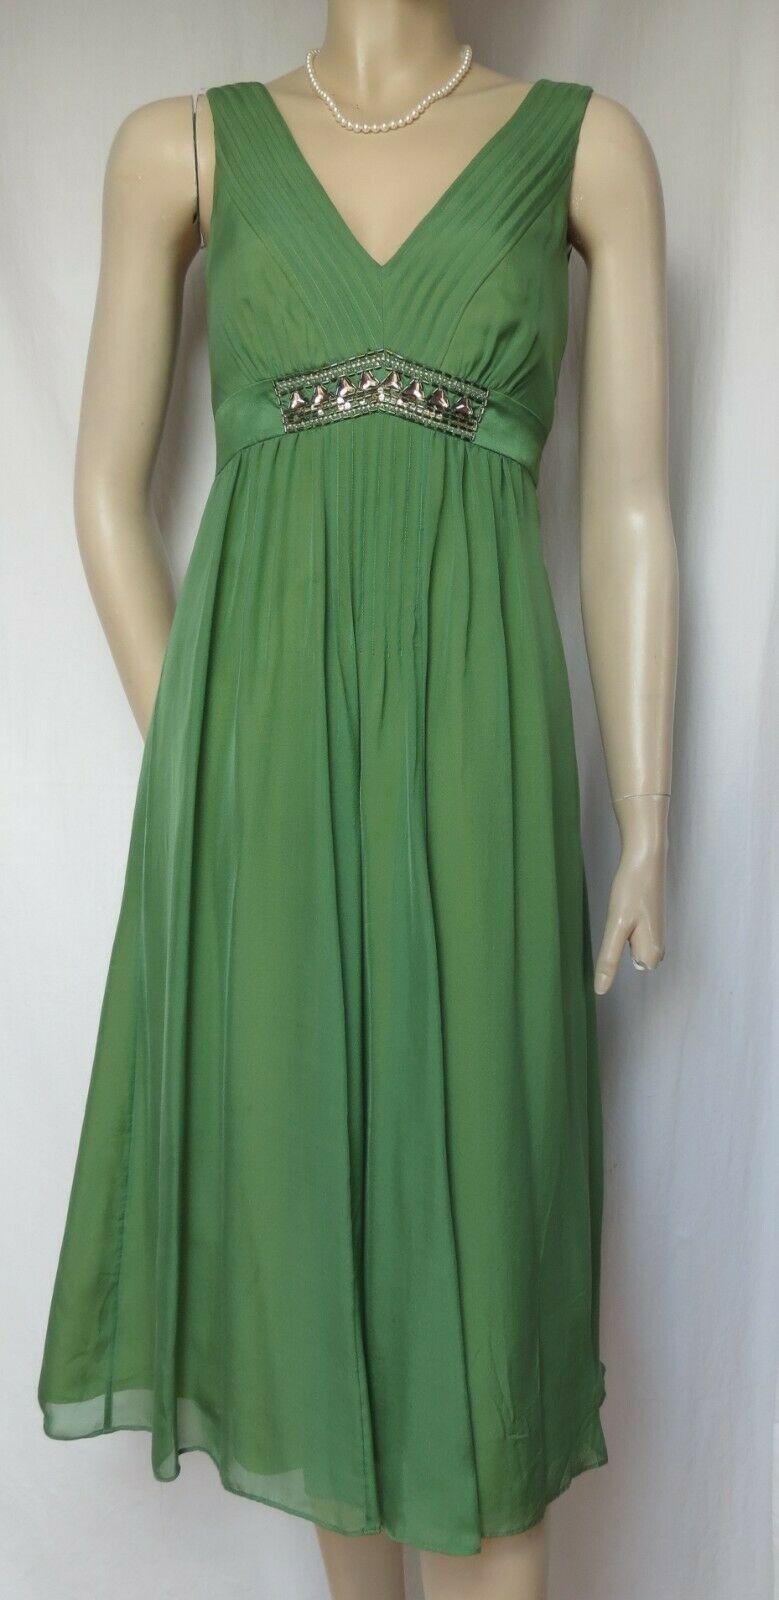 Seidenkleid 19 grün Hochzeit Seide Cocktailkleid Perlen Pailletten